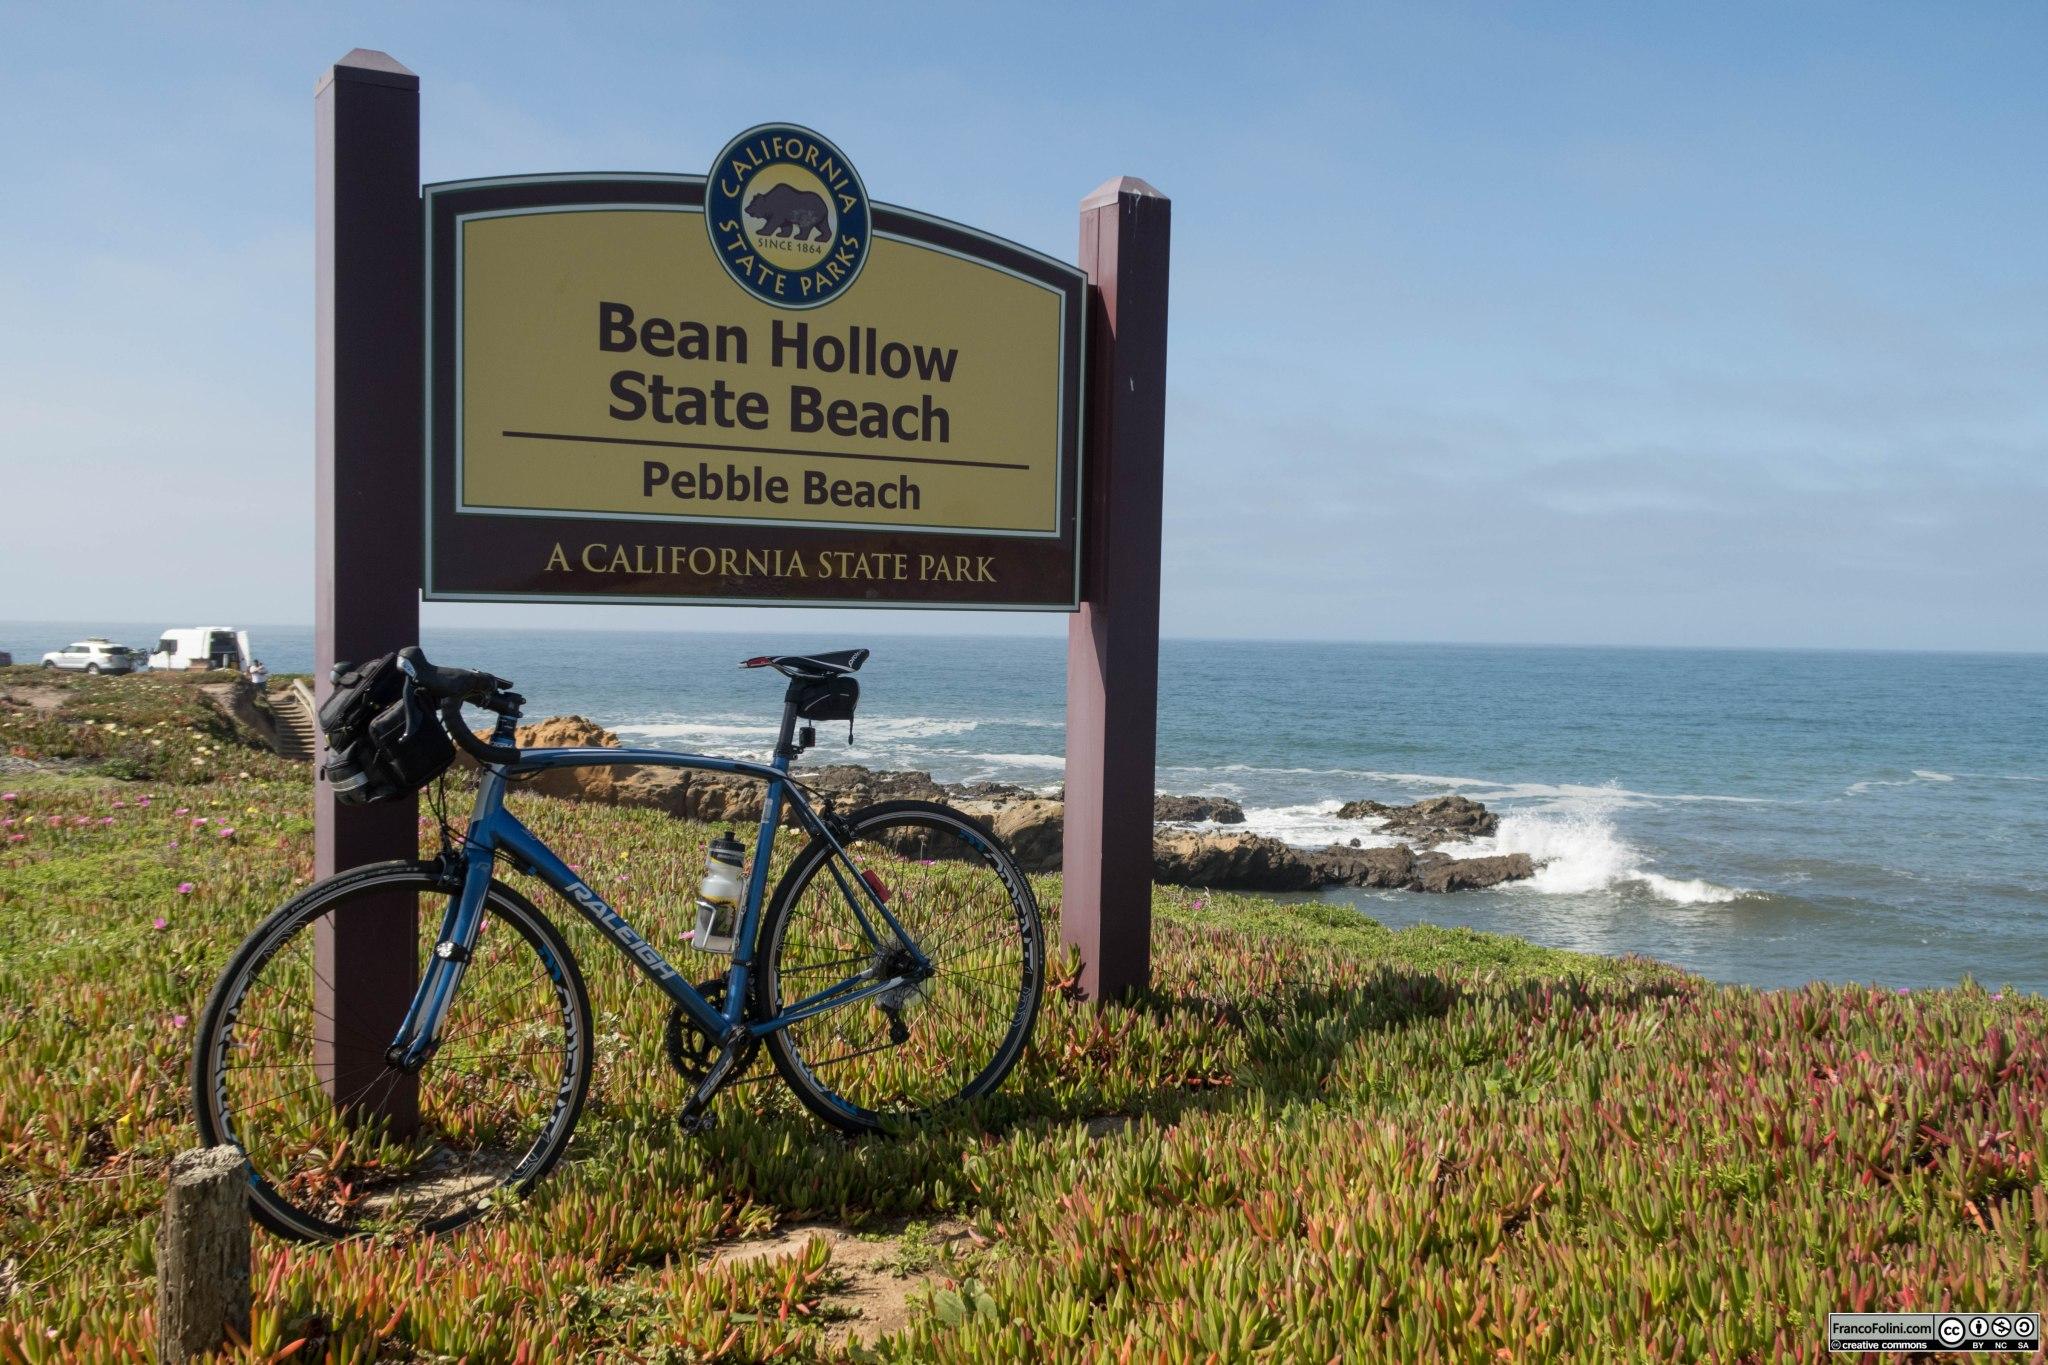 Foto ricordo davanti al cartello della Bean Hollow State Beach.